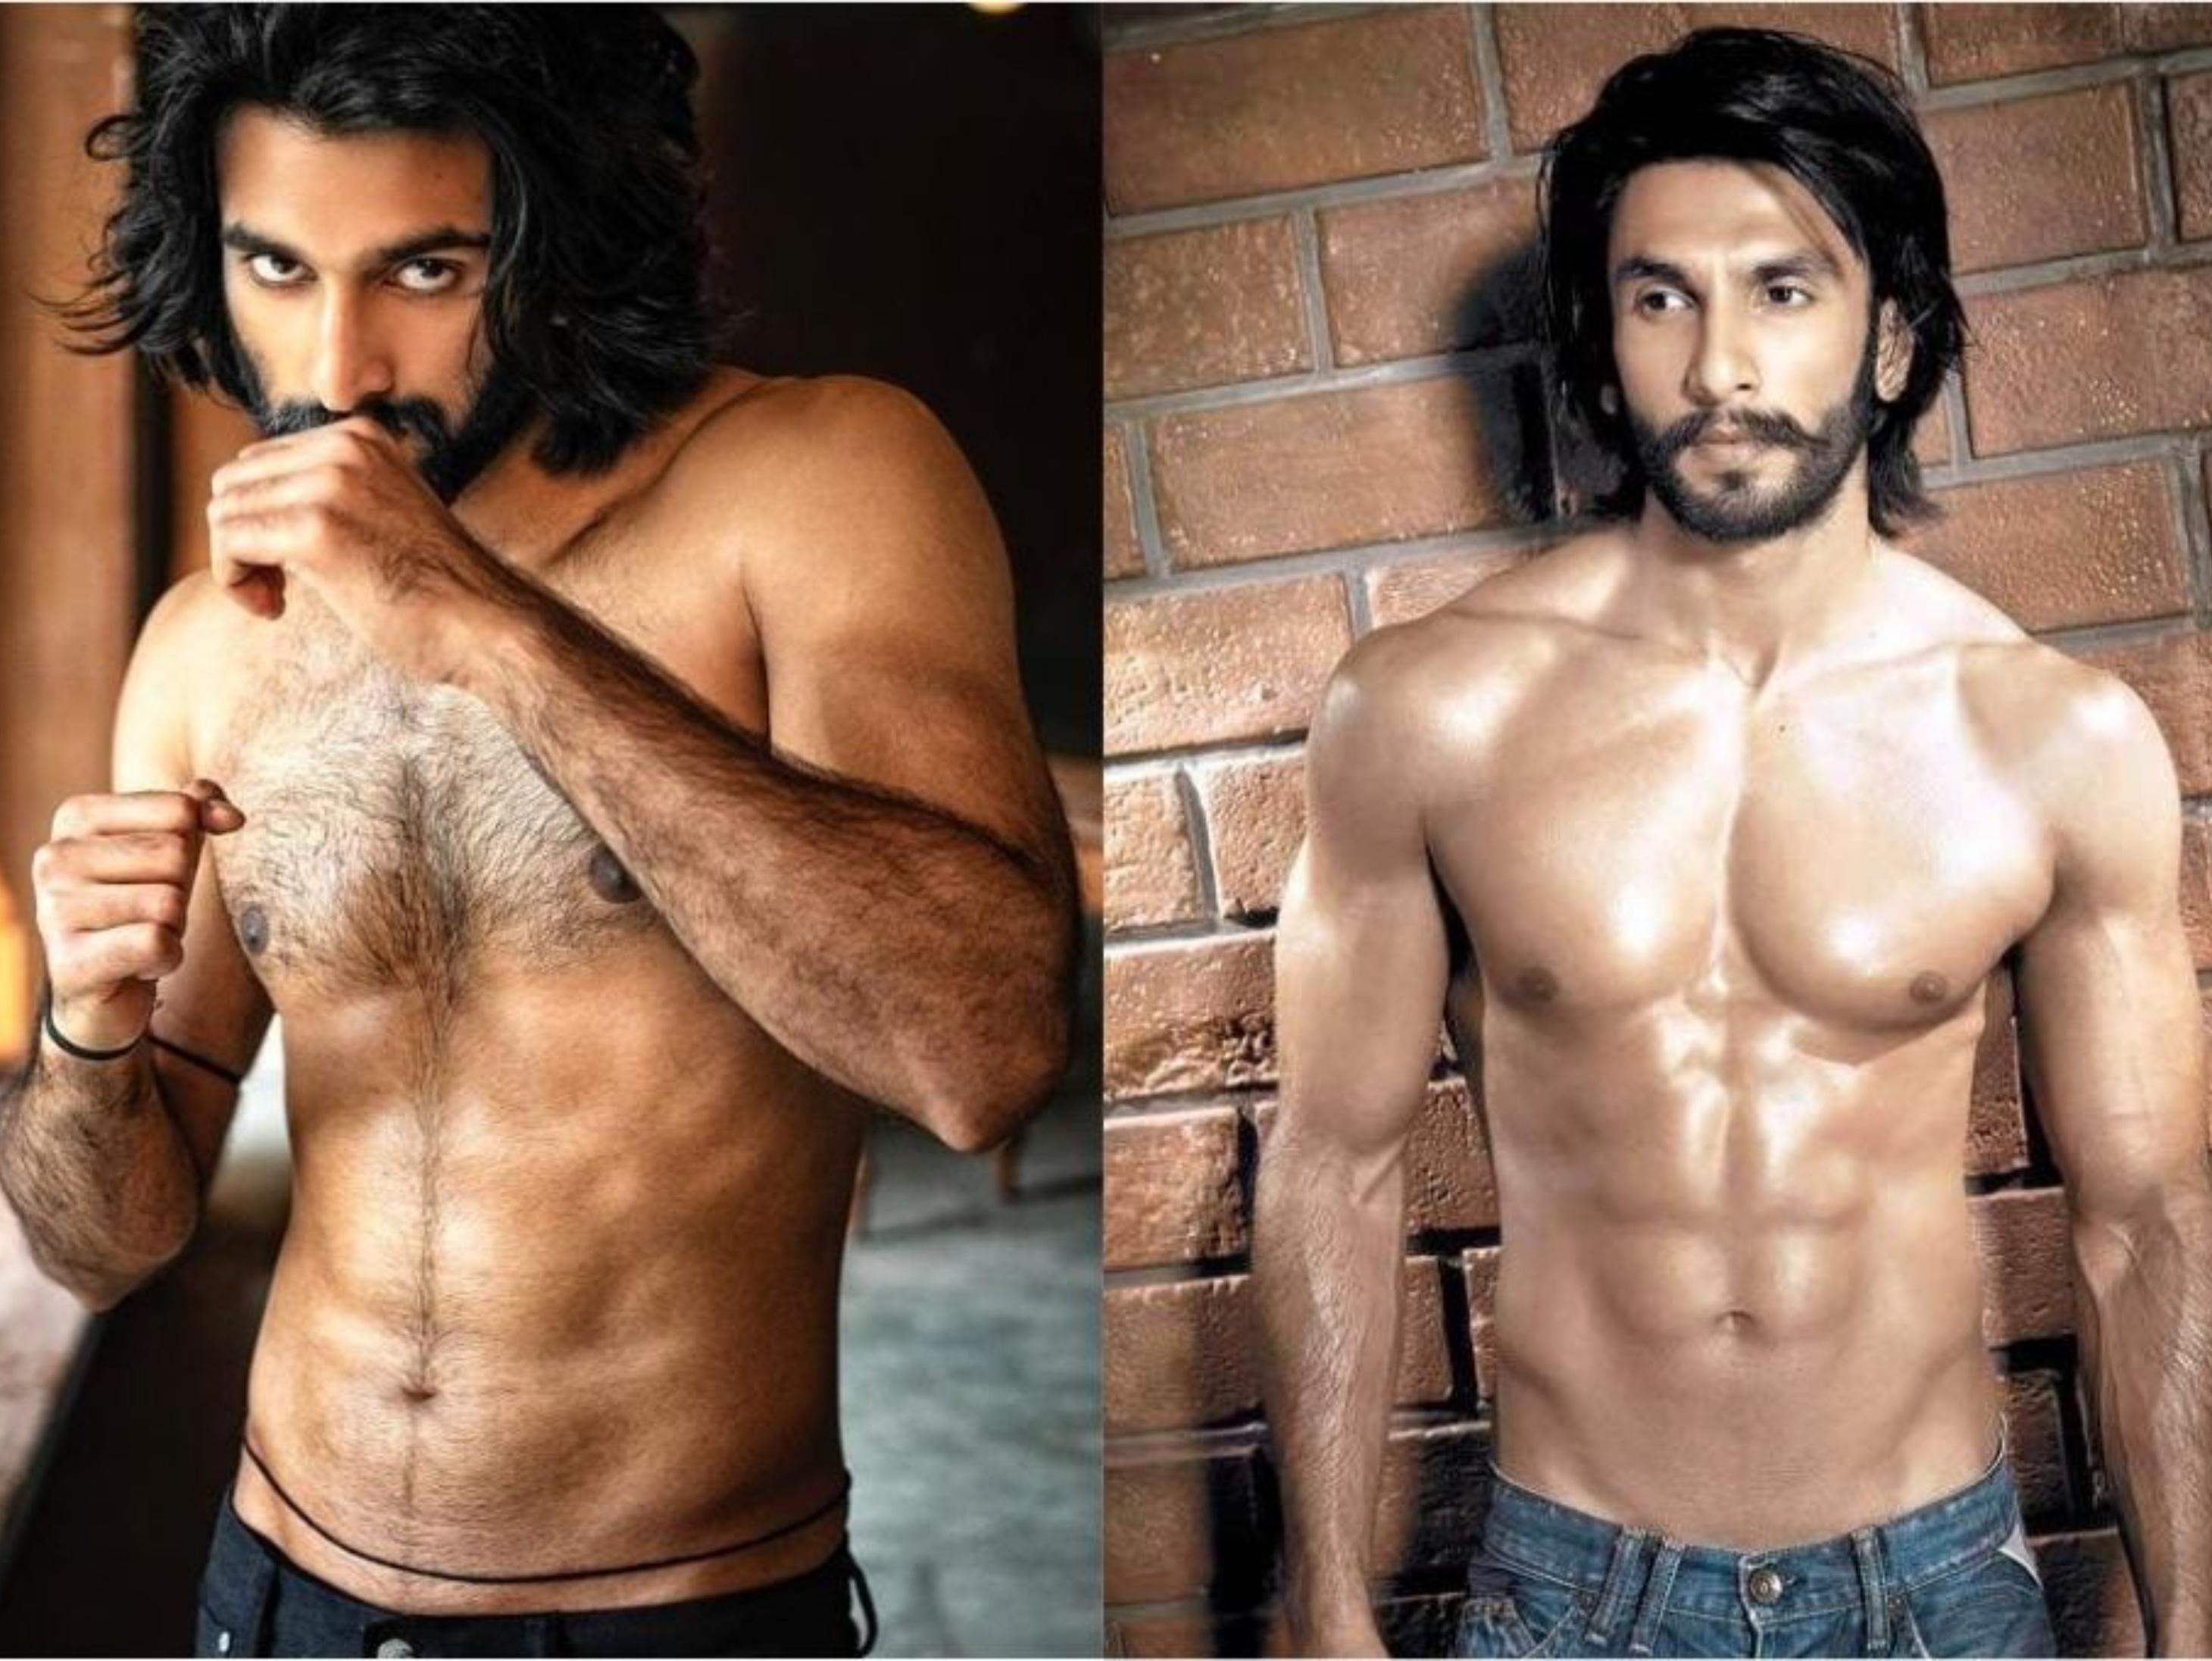 पद्मावत में रणवीर सिंह के बॉडी डबल बने थे मीजान जाफरी, एक सीन के लिए पूरी स्पीच सीखनी पड़ी थी|बॉलीवुड,Bollywood - Dainik Bhaskar